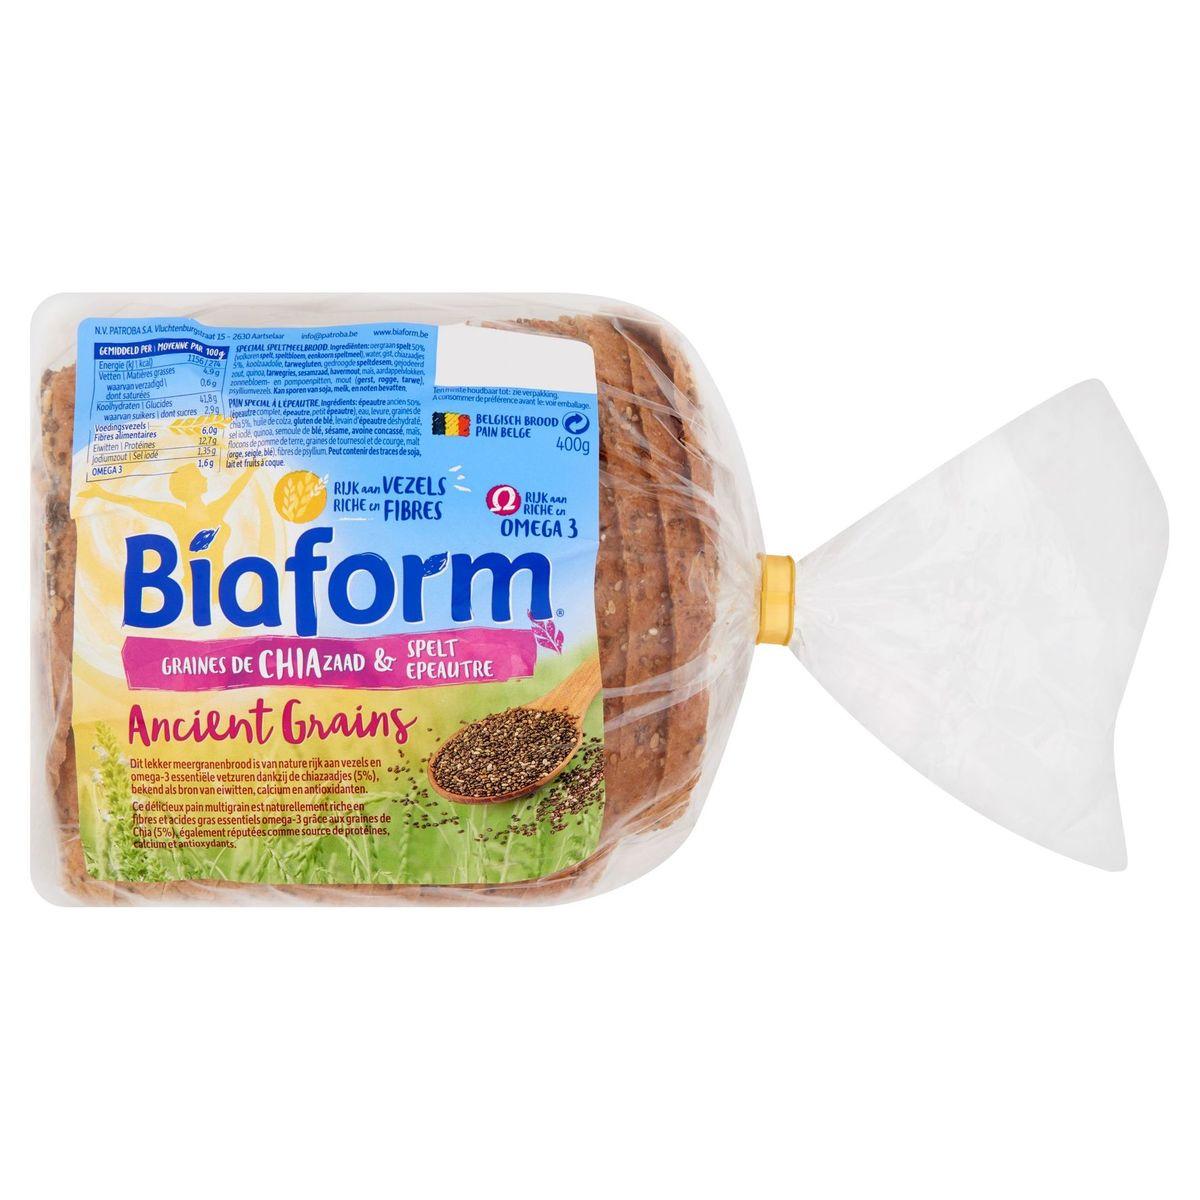 Biaform Chiazaad & Spelt 400 g